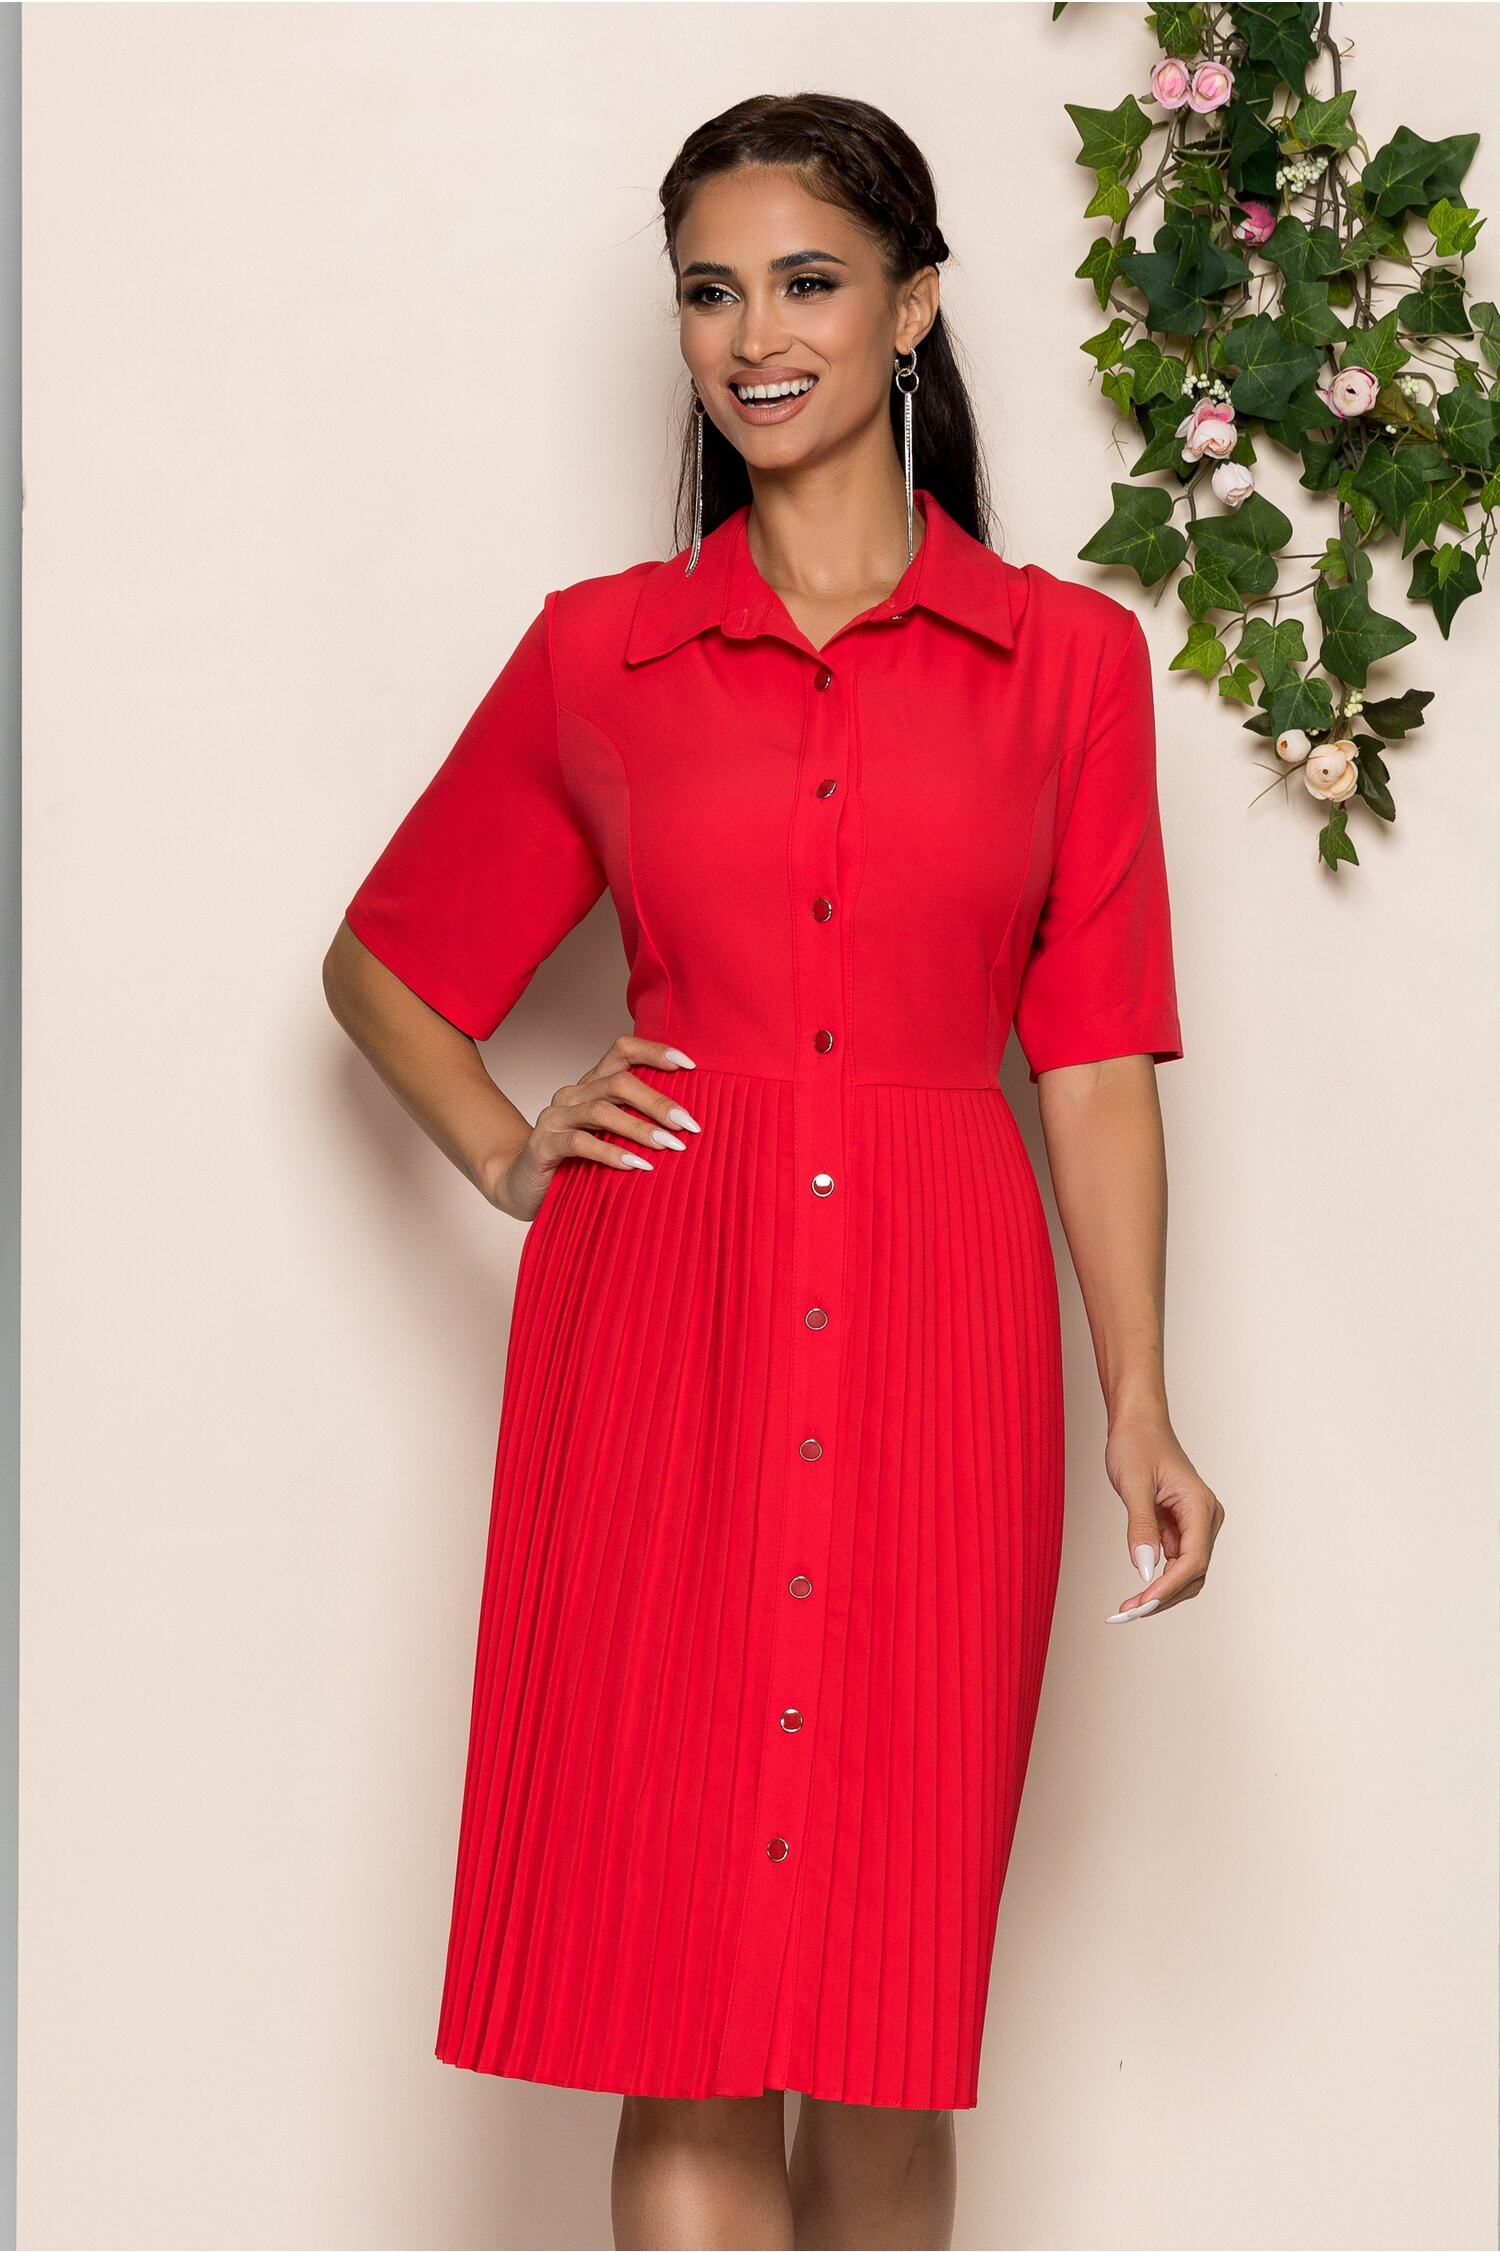 Rochie Marla rosie tip camasa cu maneci scurte si pliuri pe fusta